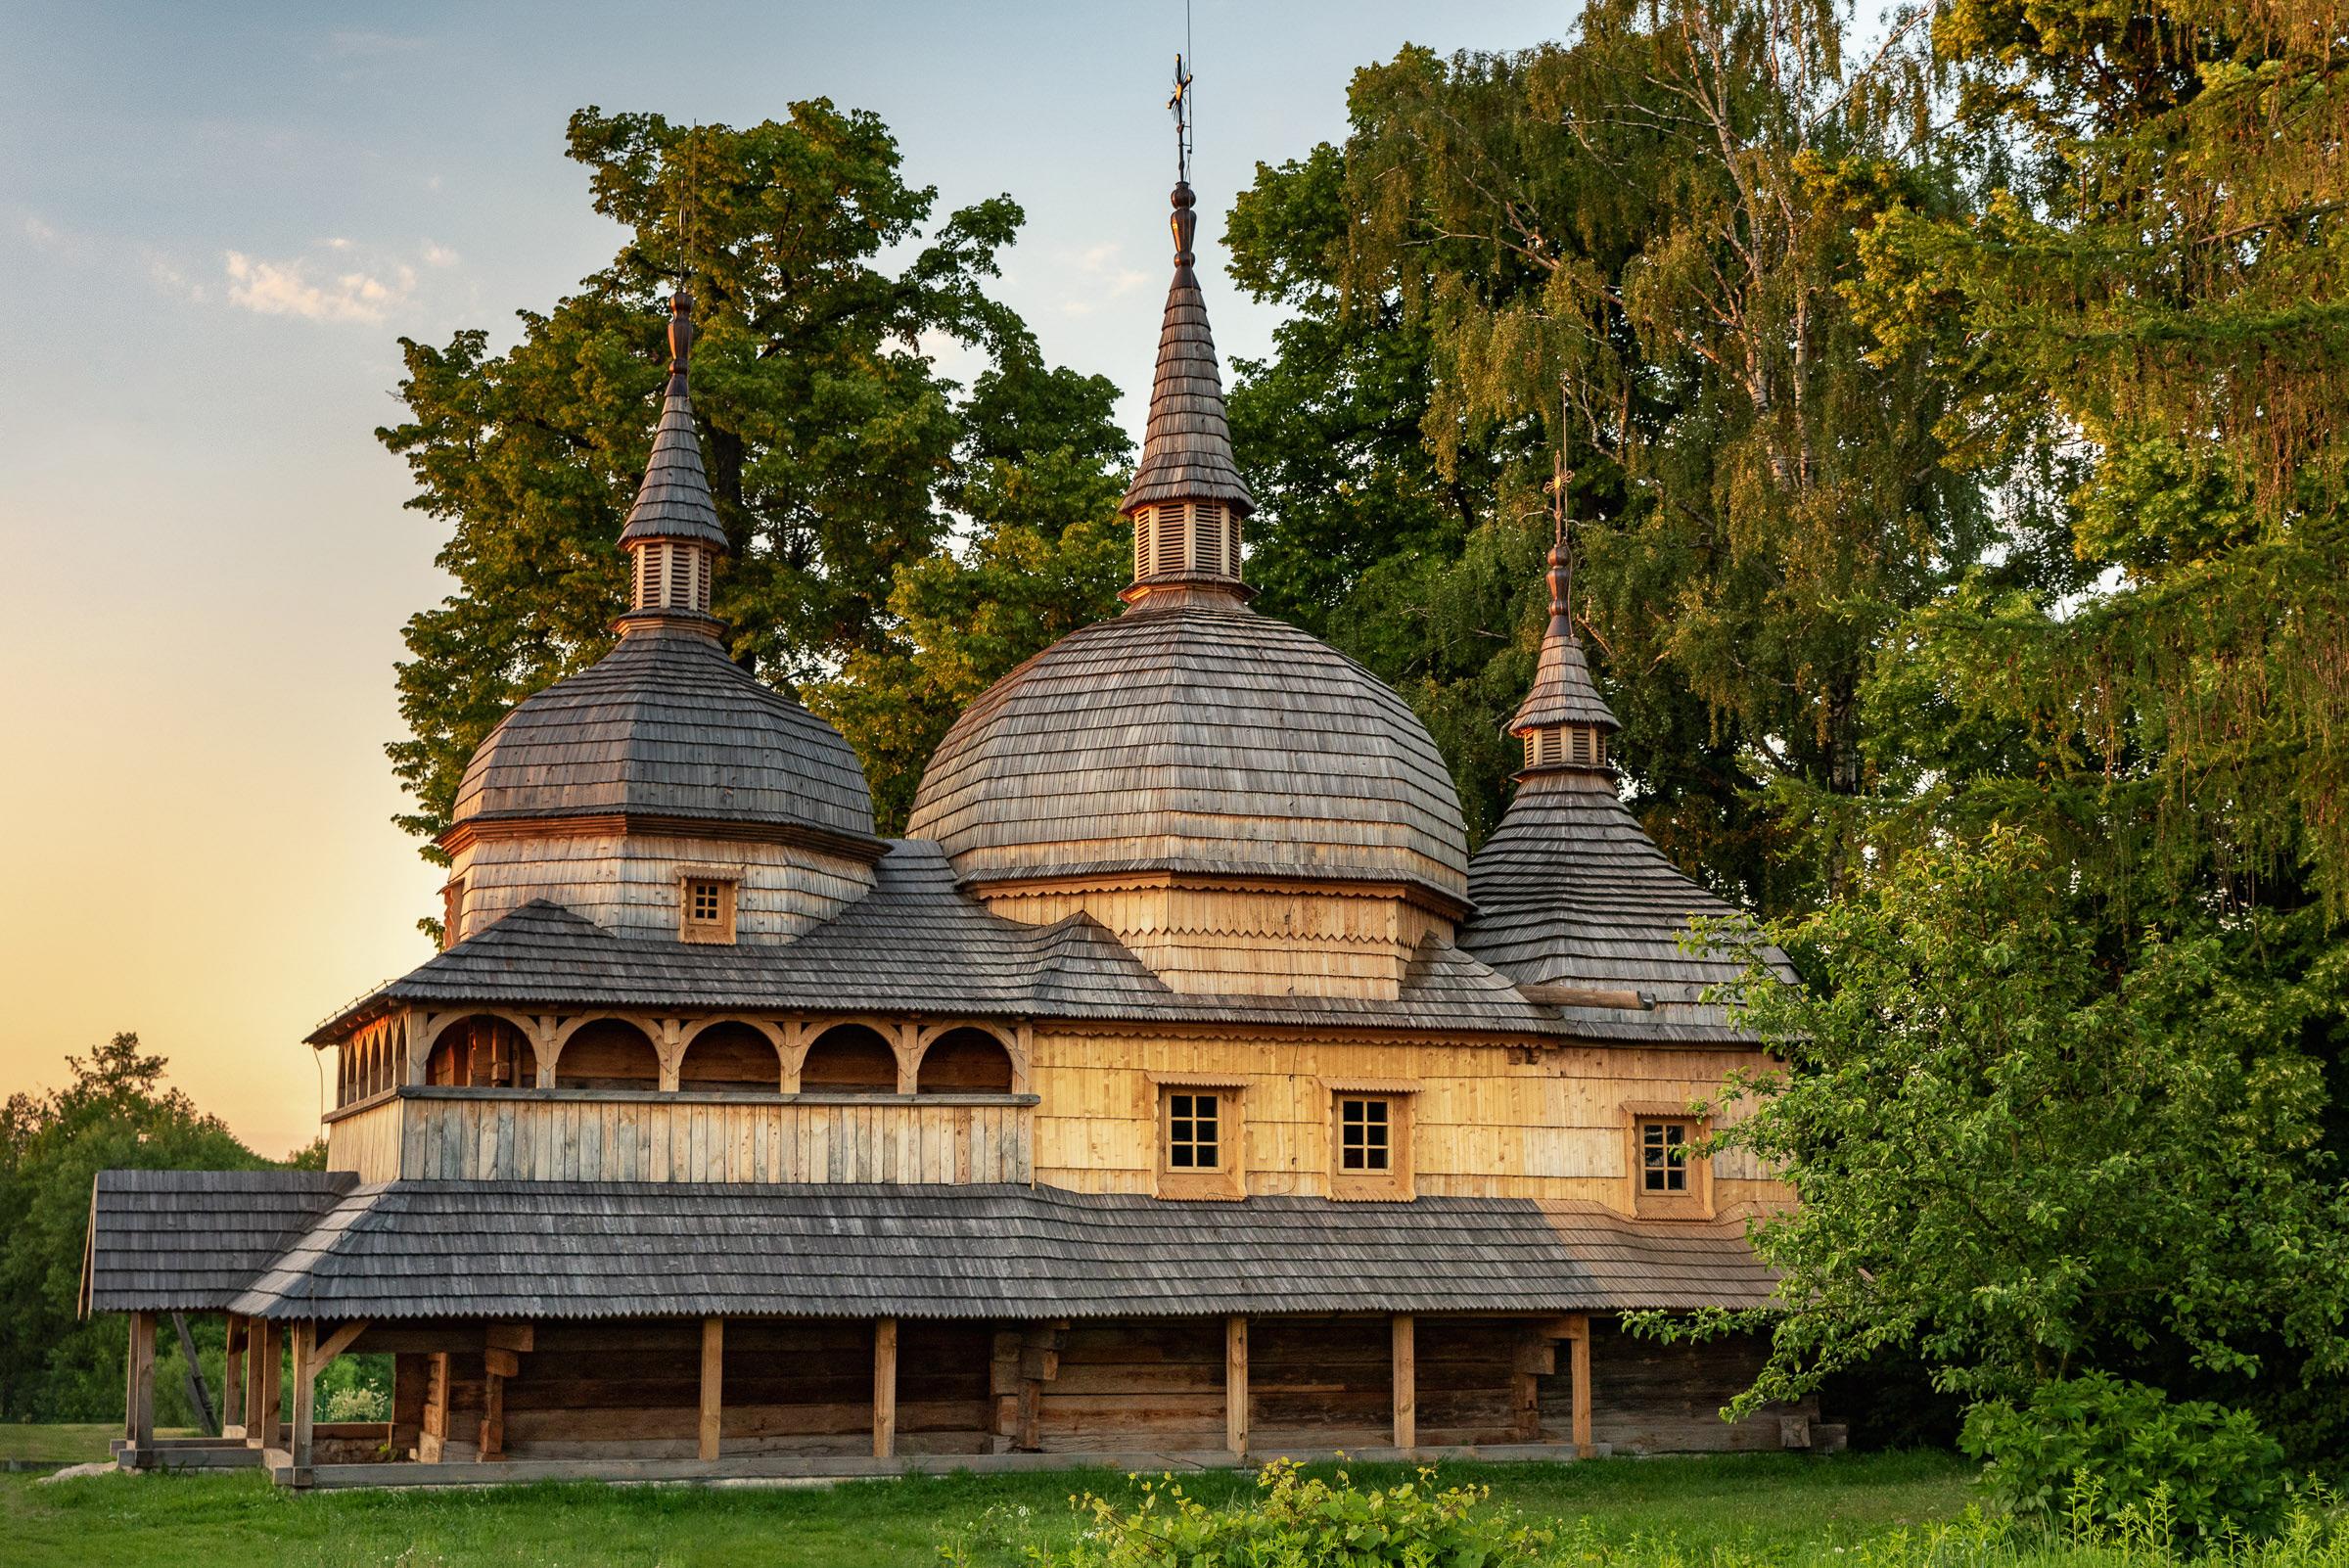 Cerkiew w Nowym Bruśnie. fot. Tomasz Mielnik